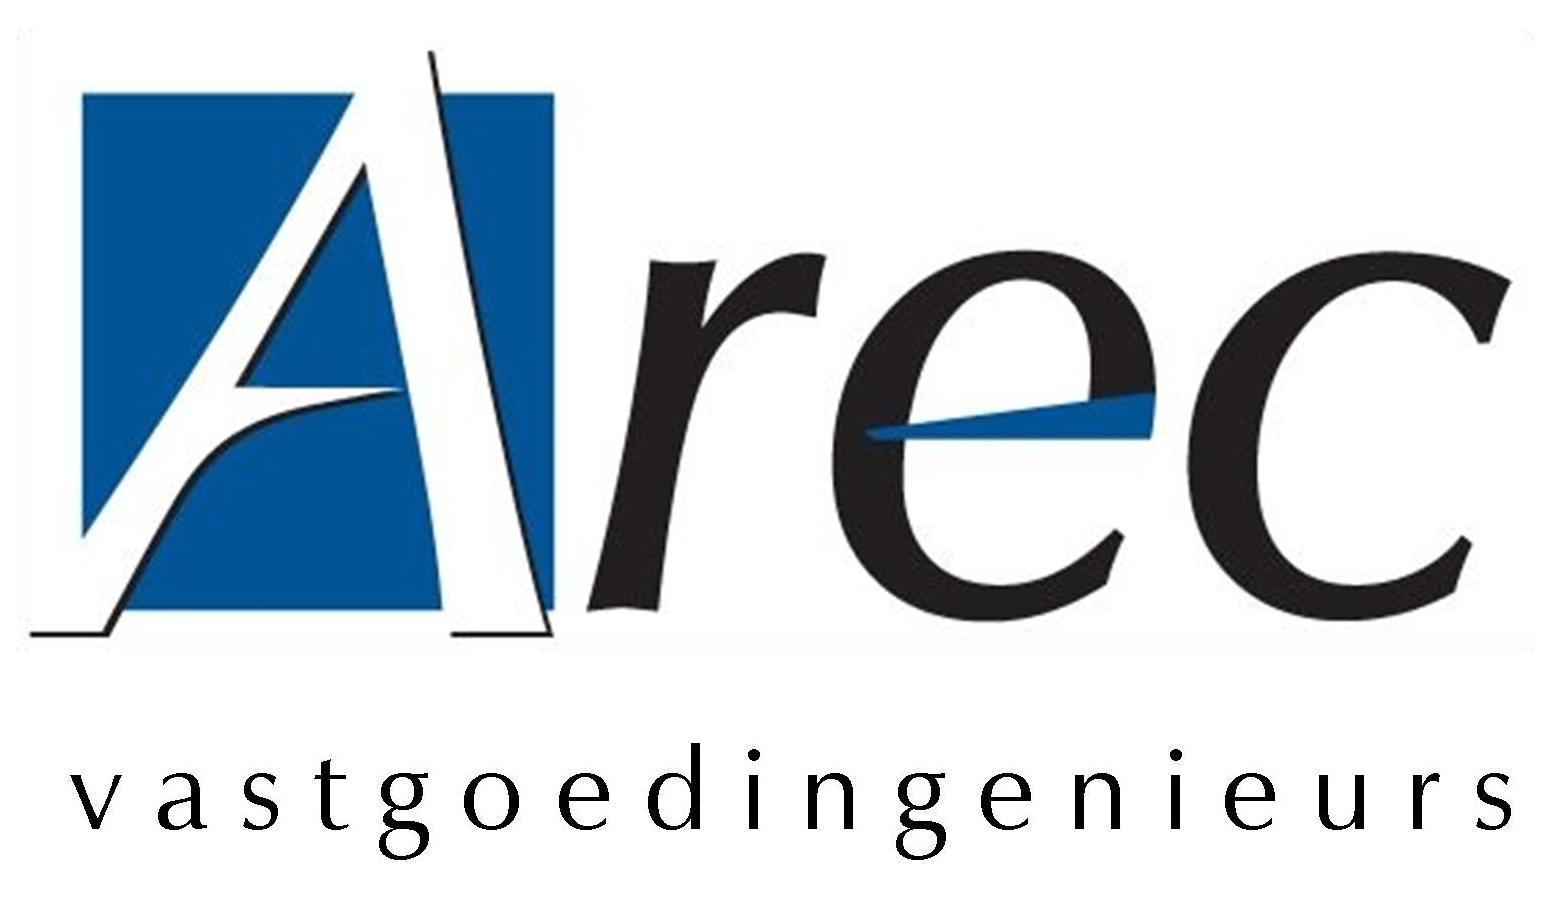 Arec Vastgoedingenieurs